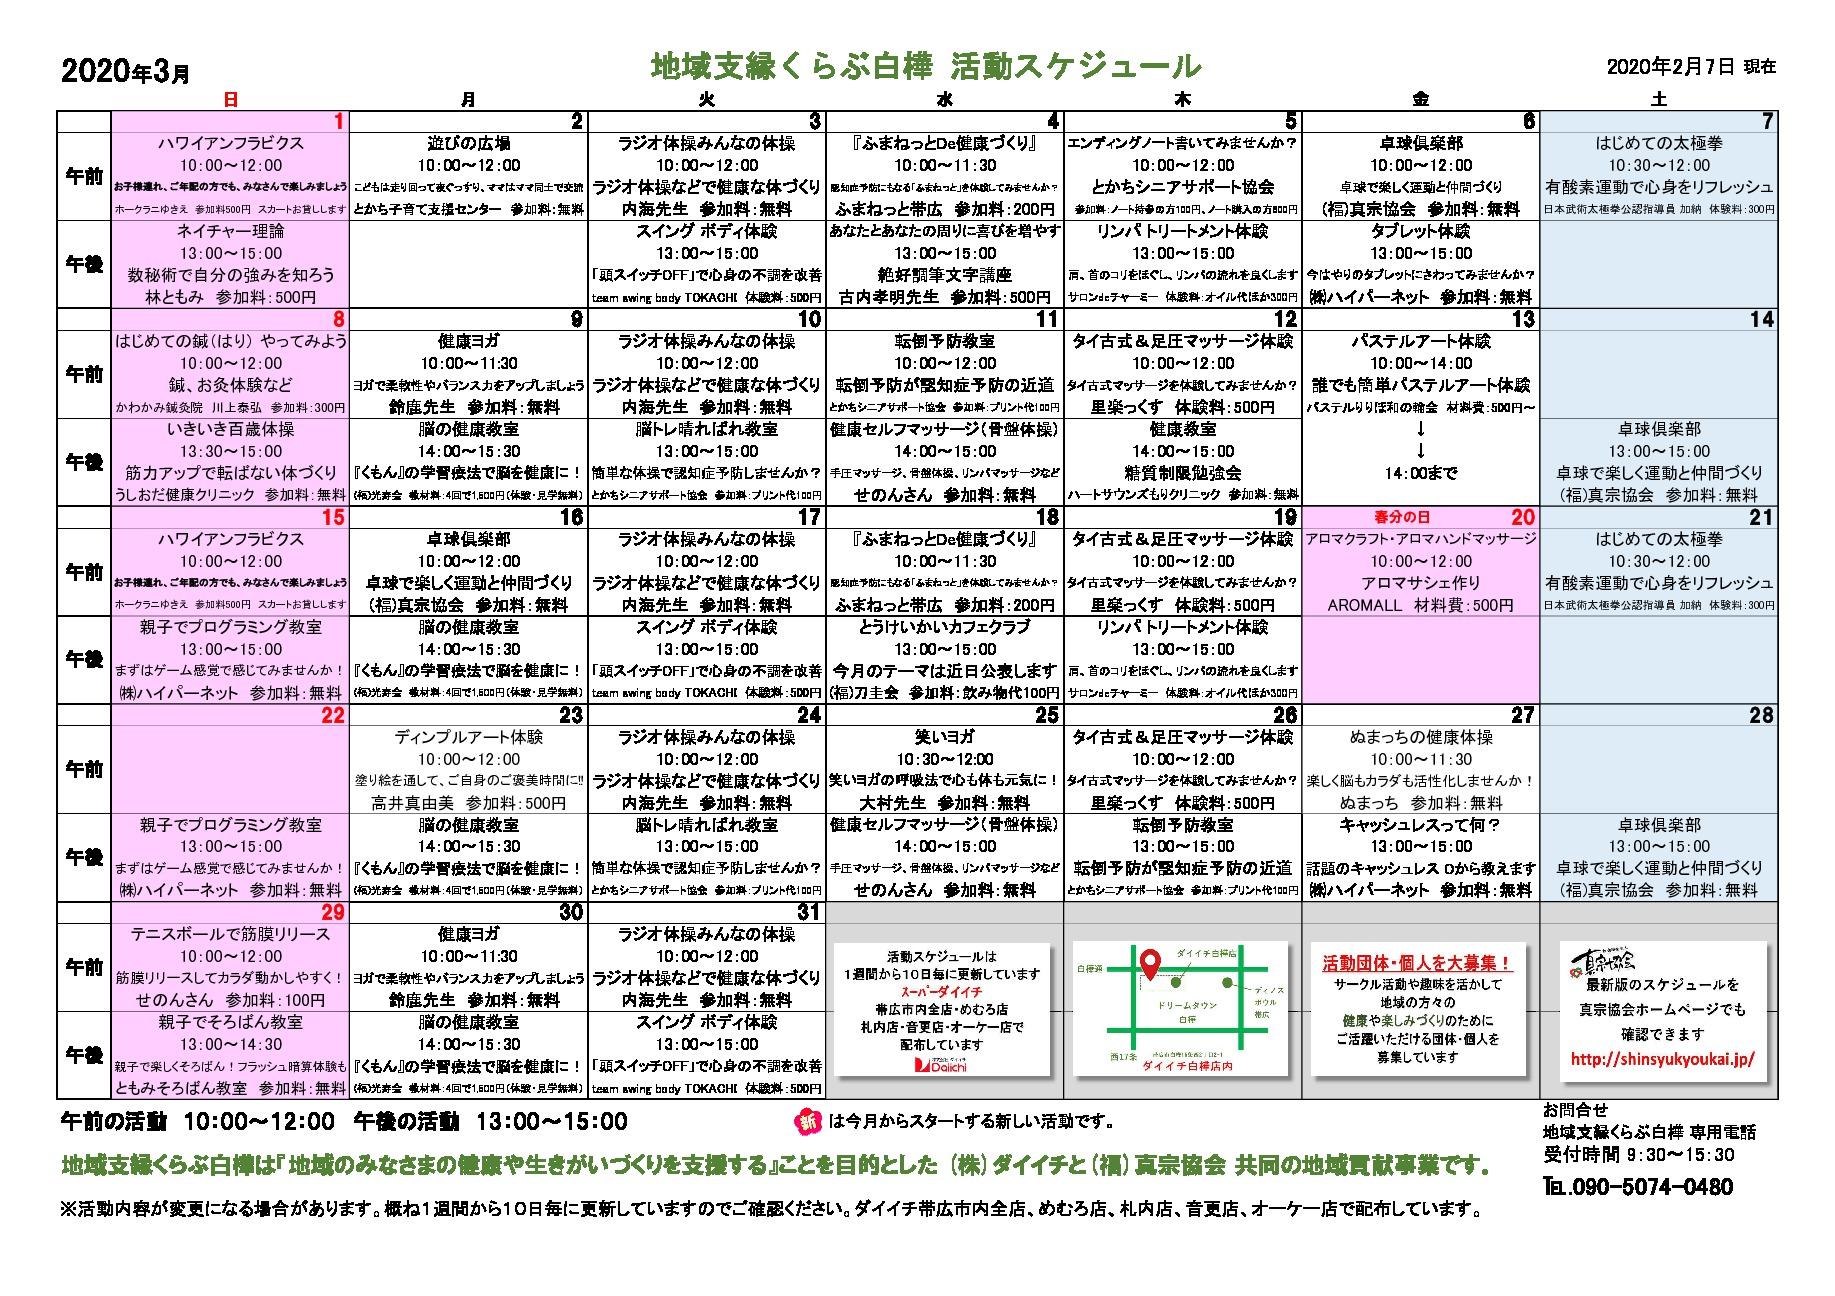 2019活動スケジュール3(2020.2.7付)のサムネイル